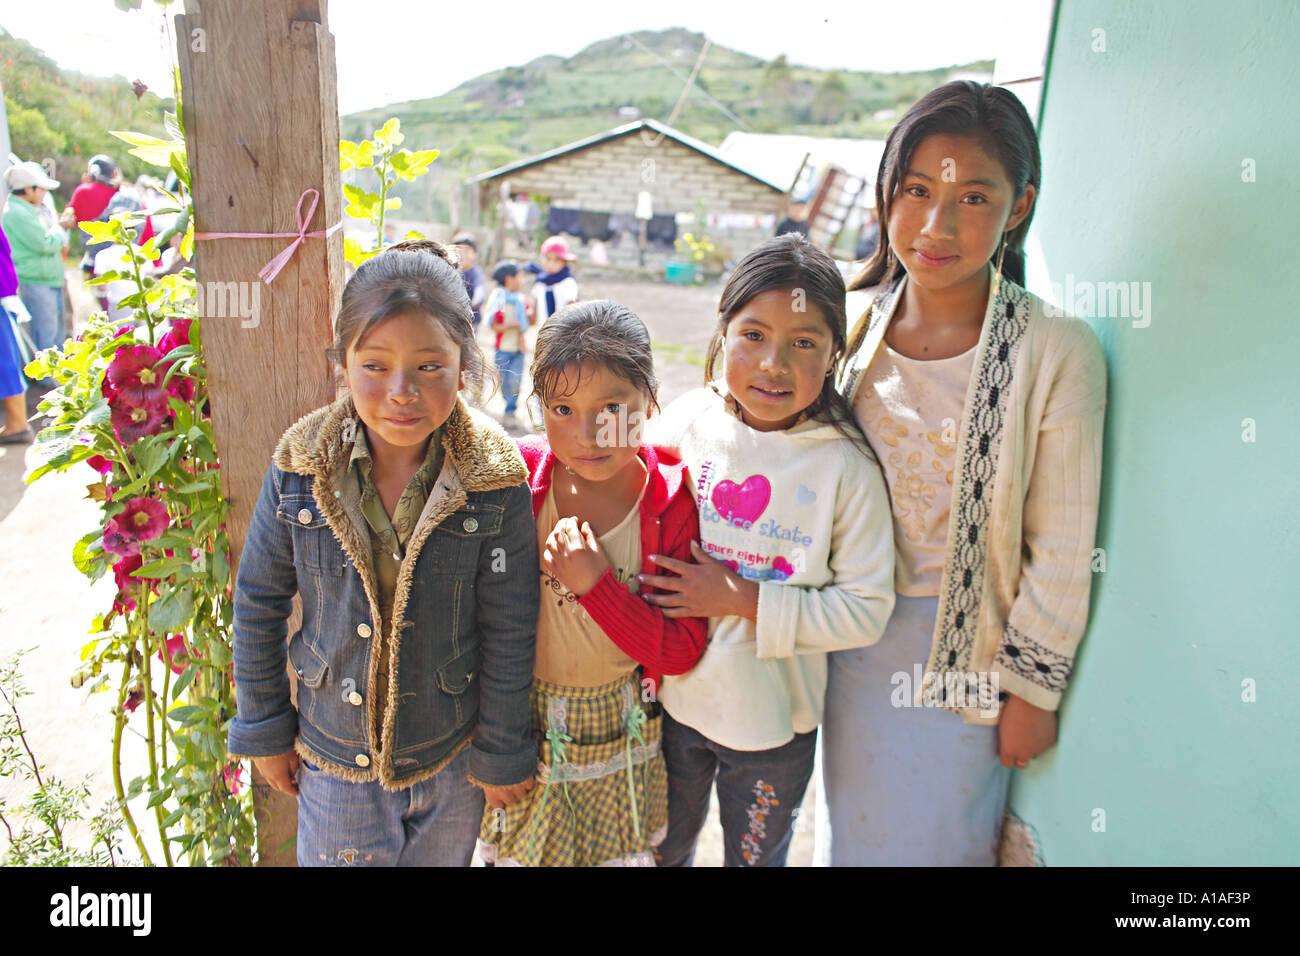 8bb35c51992da GUATEMALA CAPELLANIA joven indígena Maya Quiché hermanas esperando para ser  atendidas por médicos Imagen De Stock